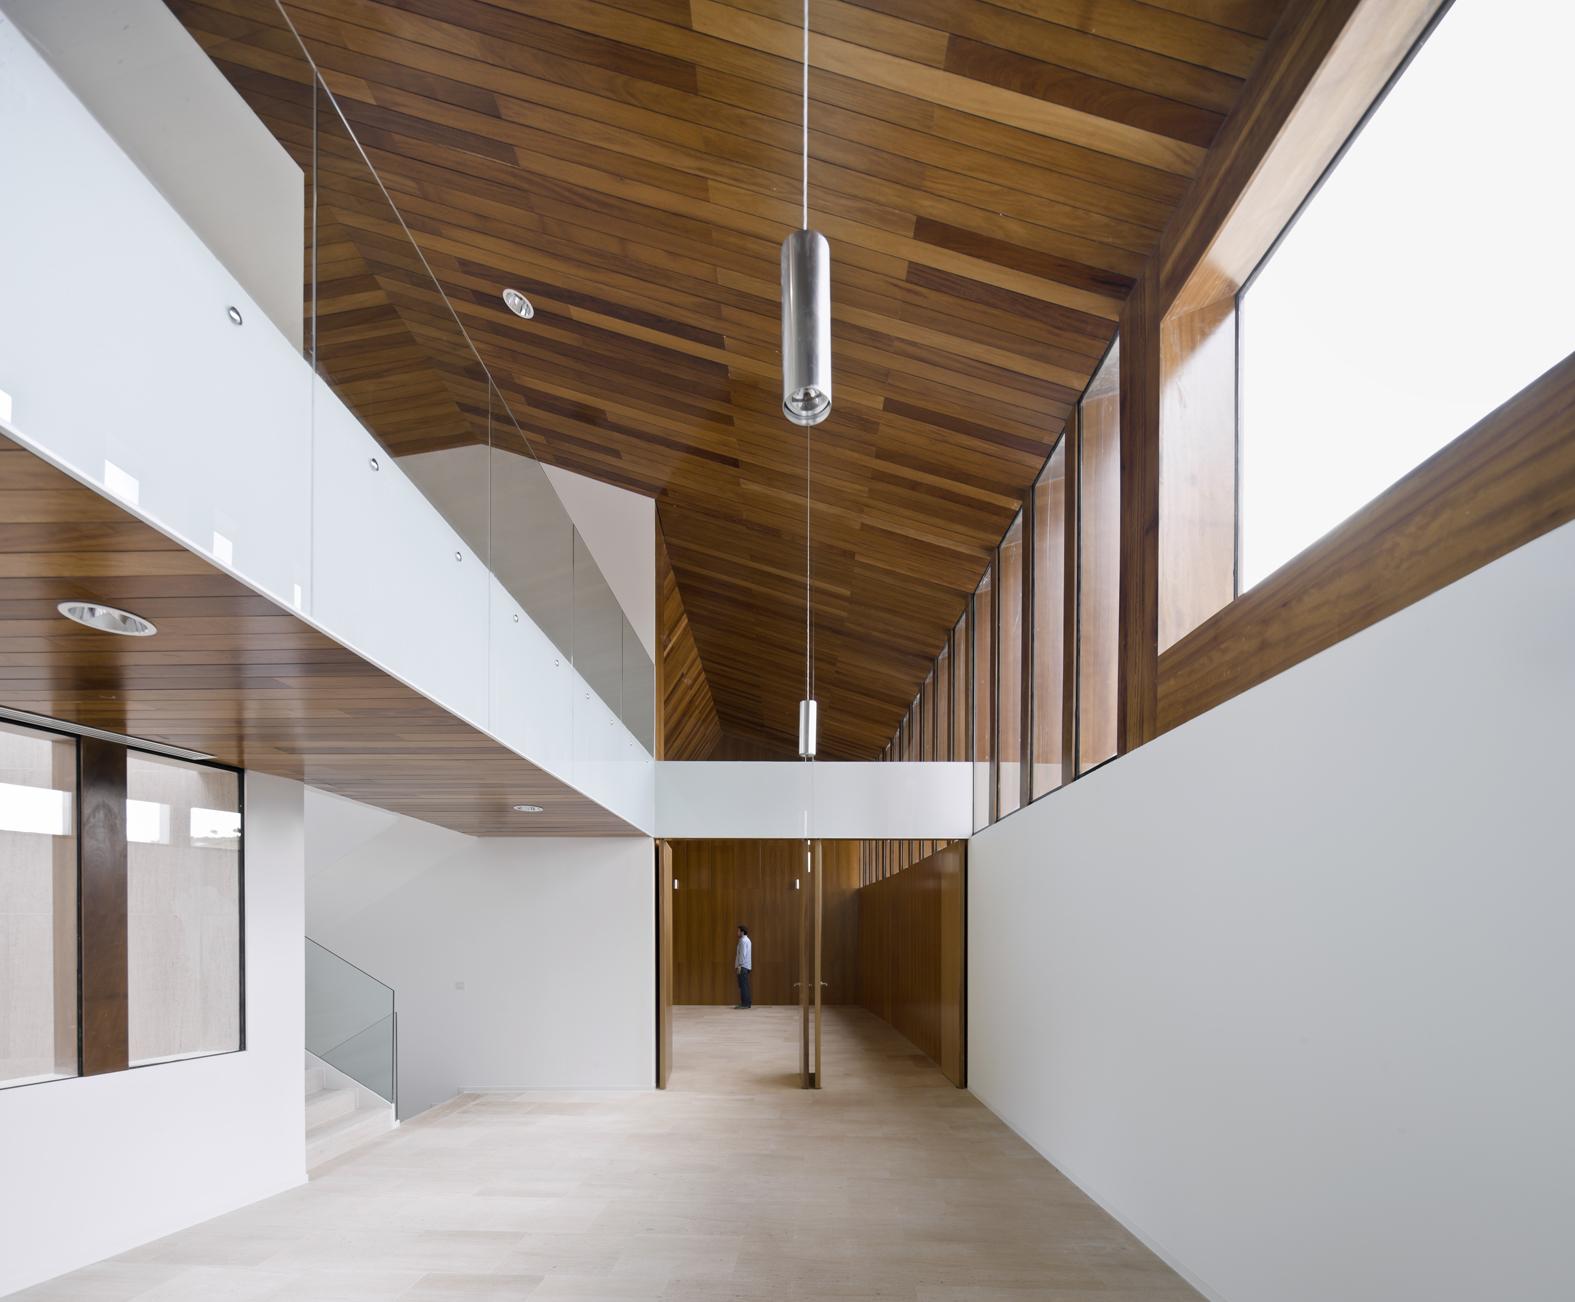 Magen arquitectos ayuntamiento escatr n hic arquitectura for Interior 1 arquitectura